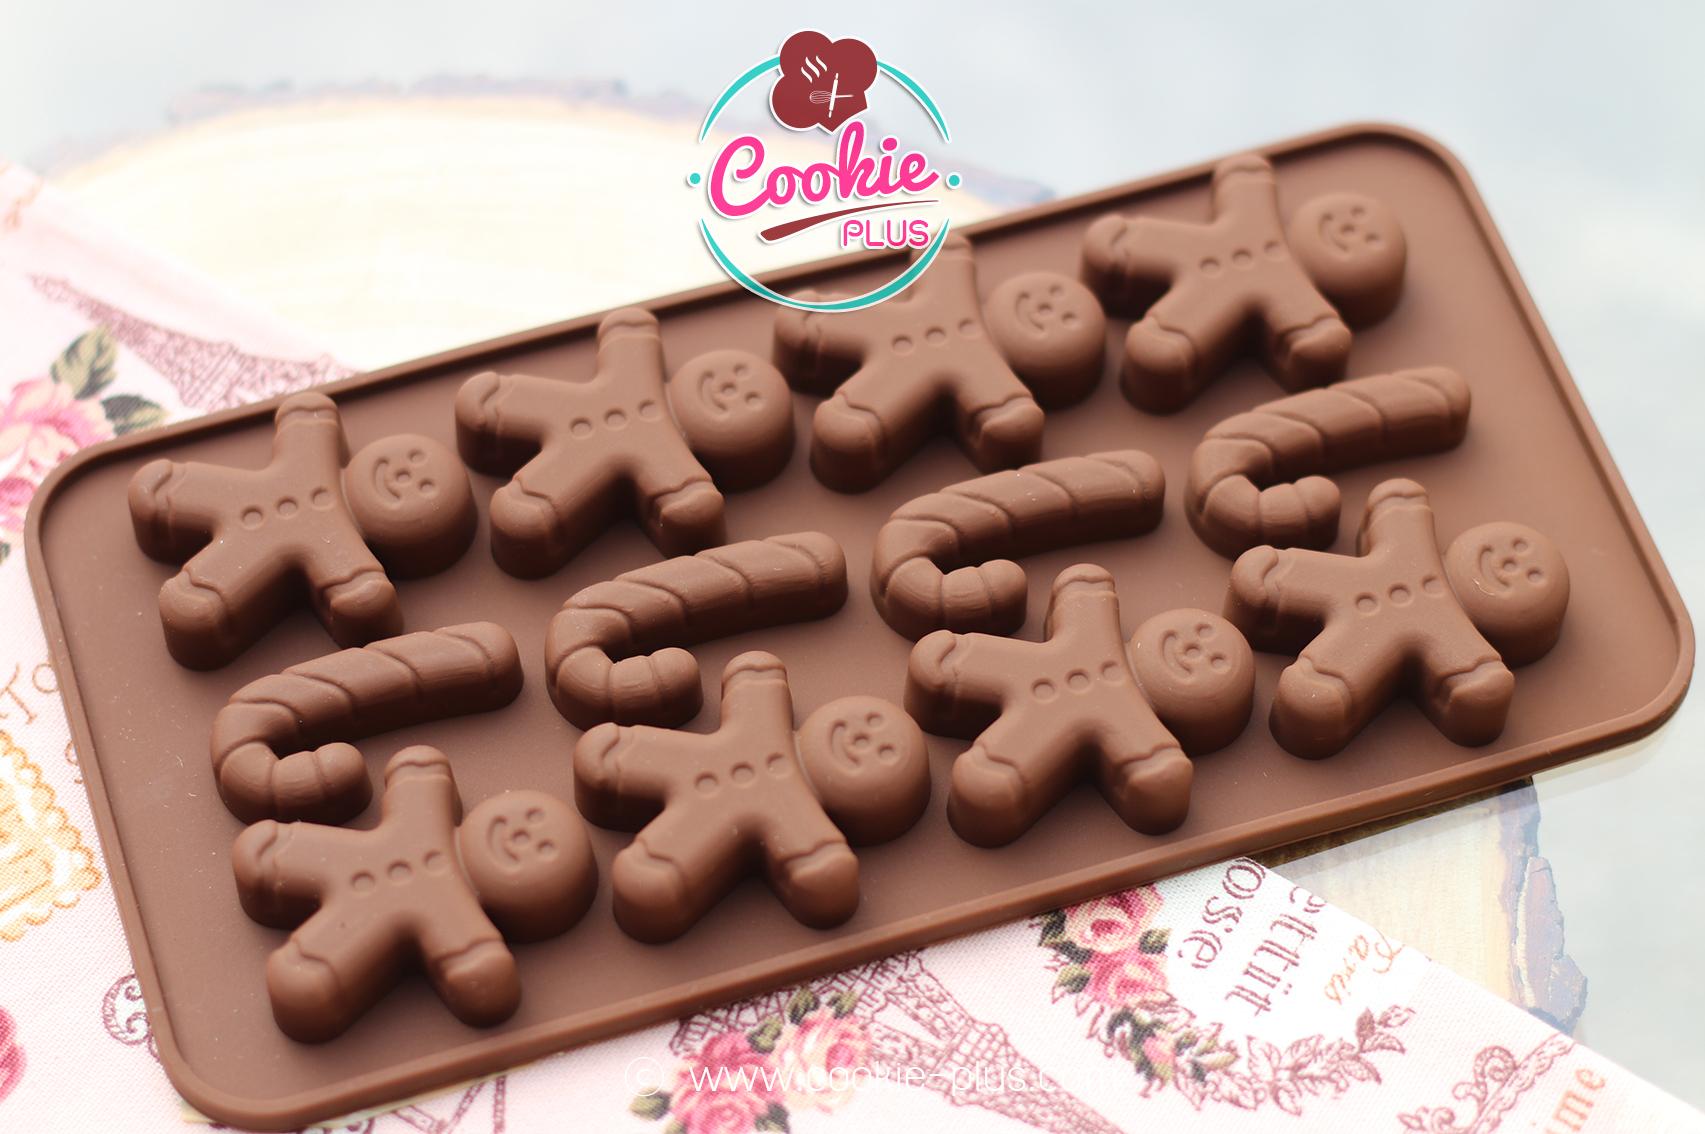 พิมพ์วุ้น พิมพ์สบู่ พิมพ์ซิลิโคน ช็อกโกแลต ลายแคนดี้ candy x'mas คริสมาสต์